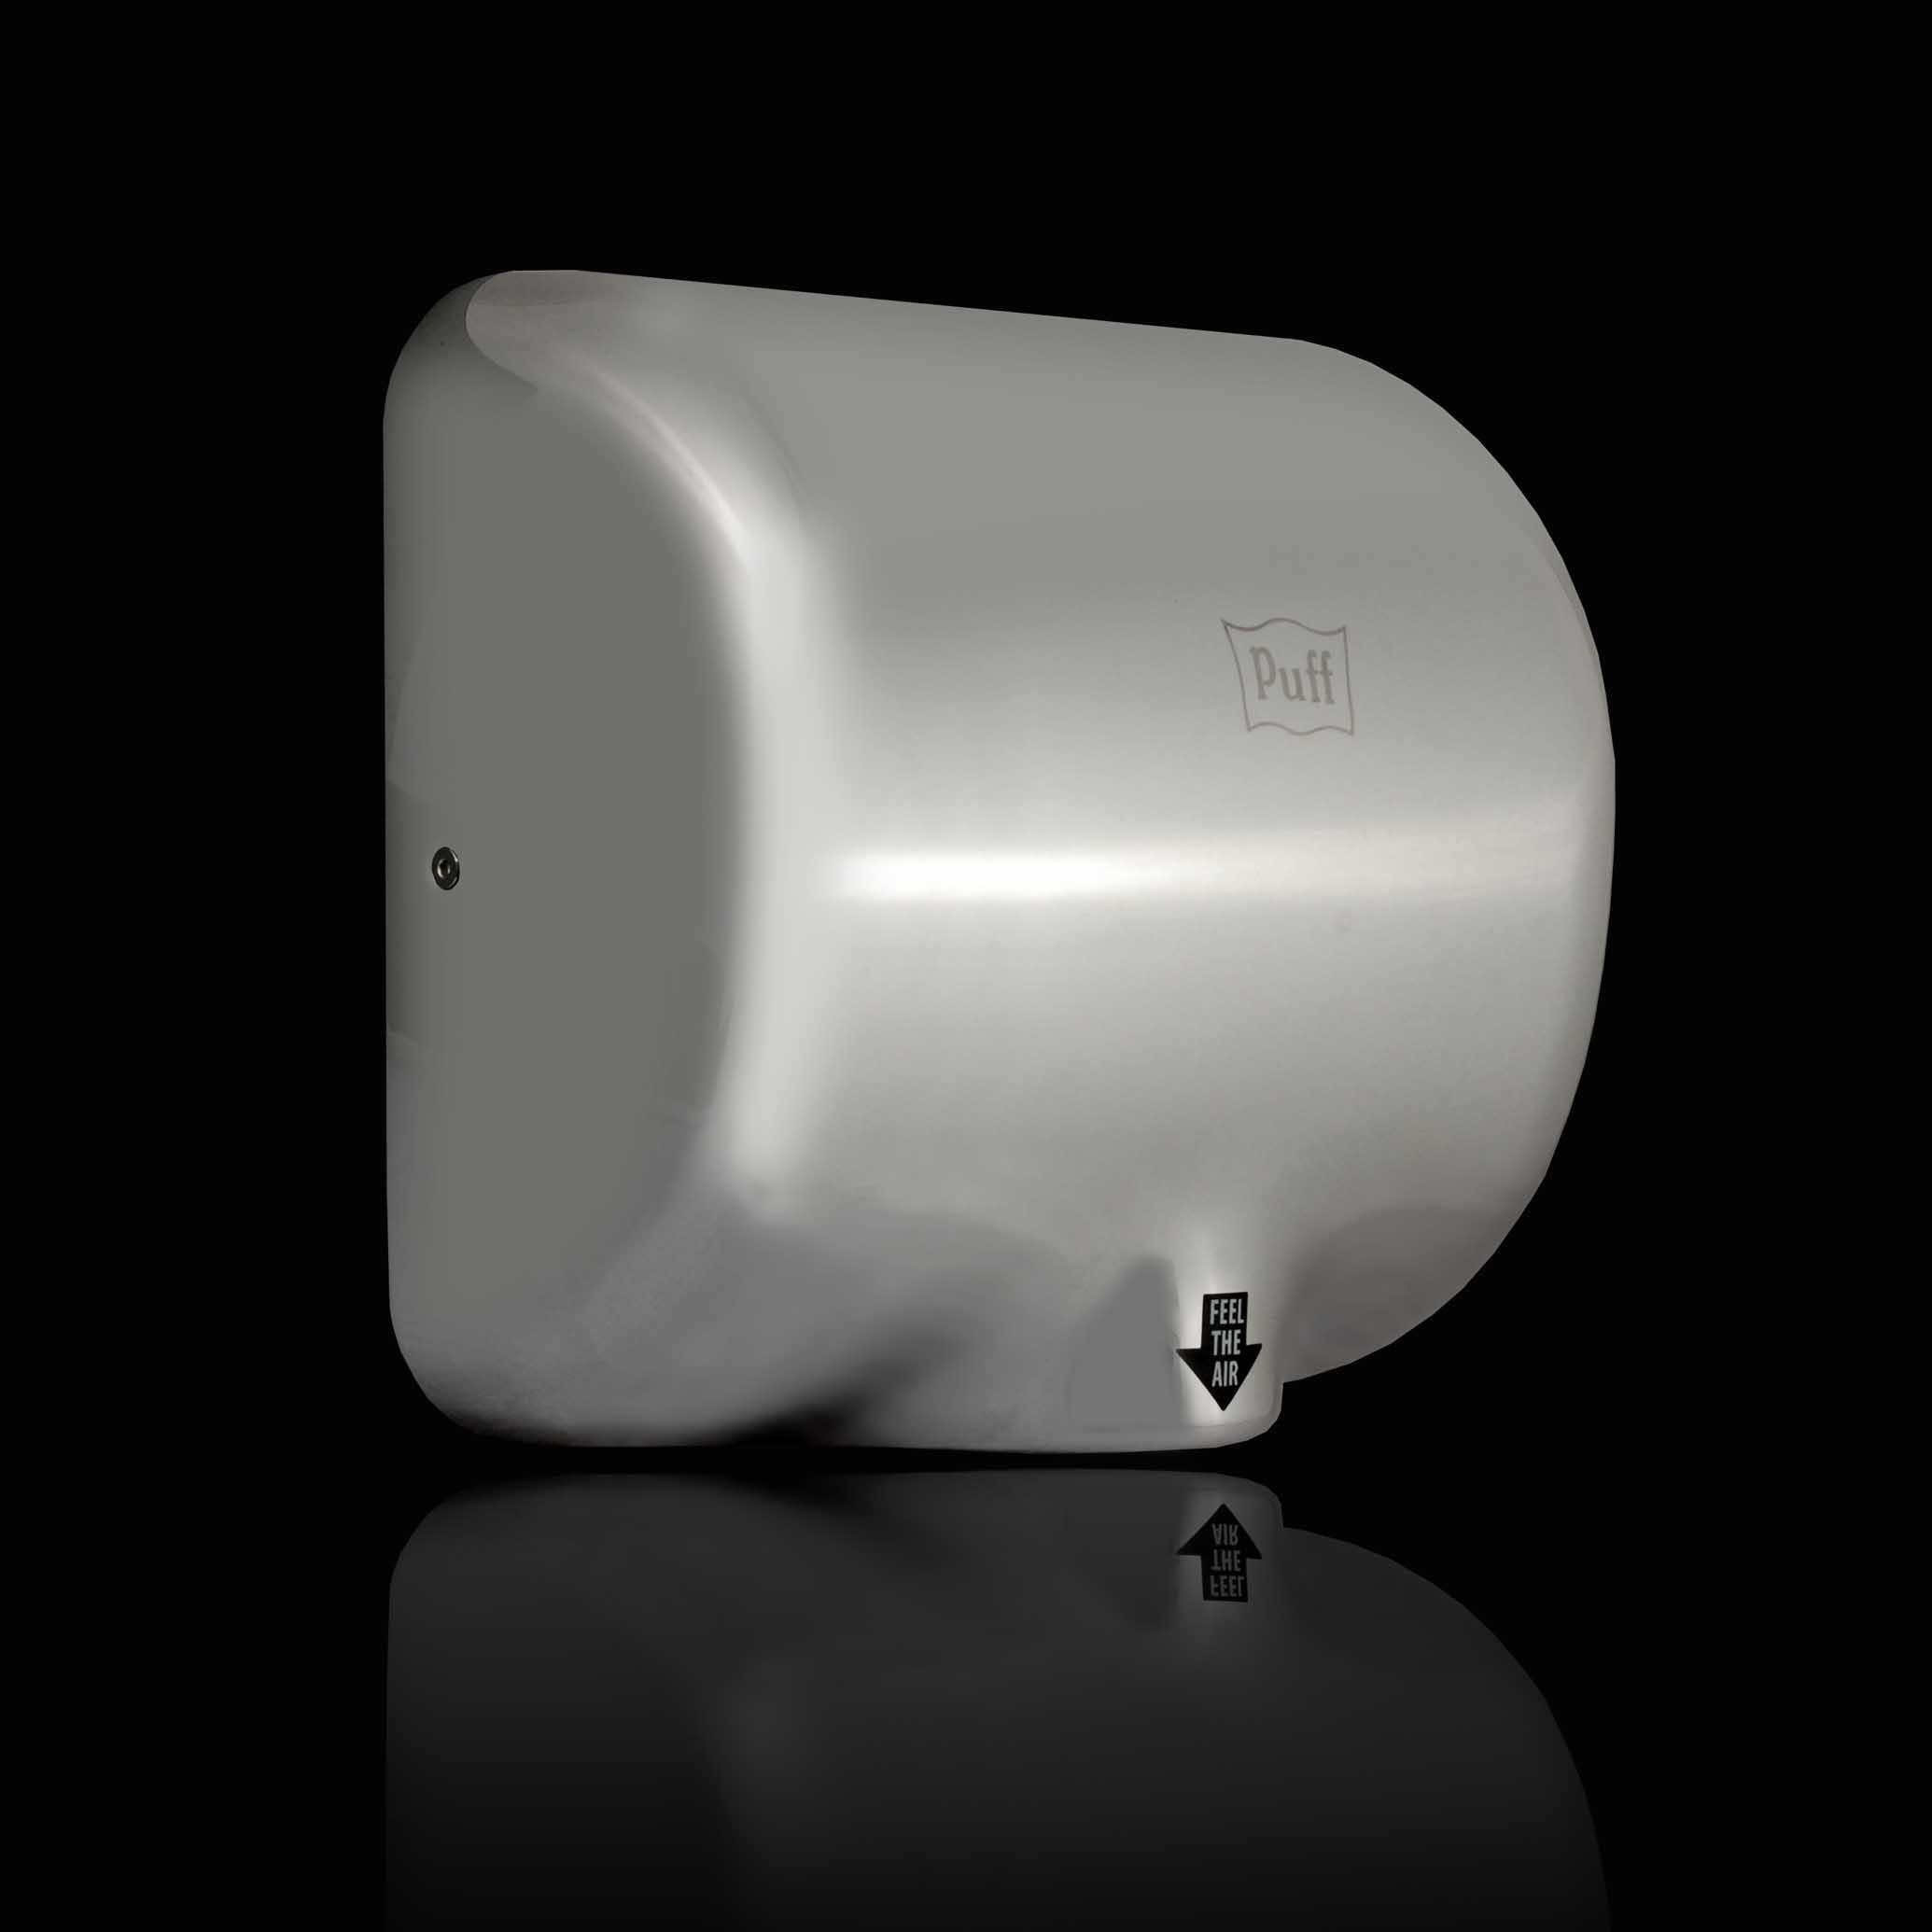 Высокоскоростная Антивандальная сушилка для рукPuff-8888 Материал корпуса: нерж. сталь  Цвет: хром/матовый Мощность (Вт): 1 800  Напряжение (В/Гц): 220 / 50-60  Скорость воздушного потока (м/сек): 95 Время сушки рук (сек): 5-7  Габаритные размеры (мм) (ШхГхВ):295х171х325  Вес нетто (кг): 4,3  Гарантия: 12 мес.